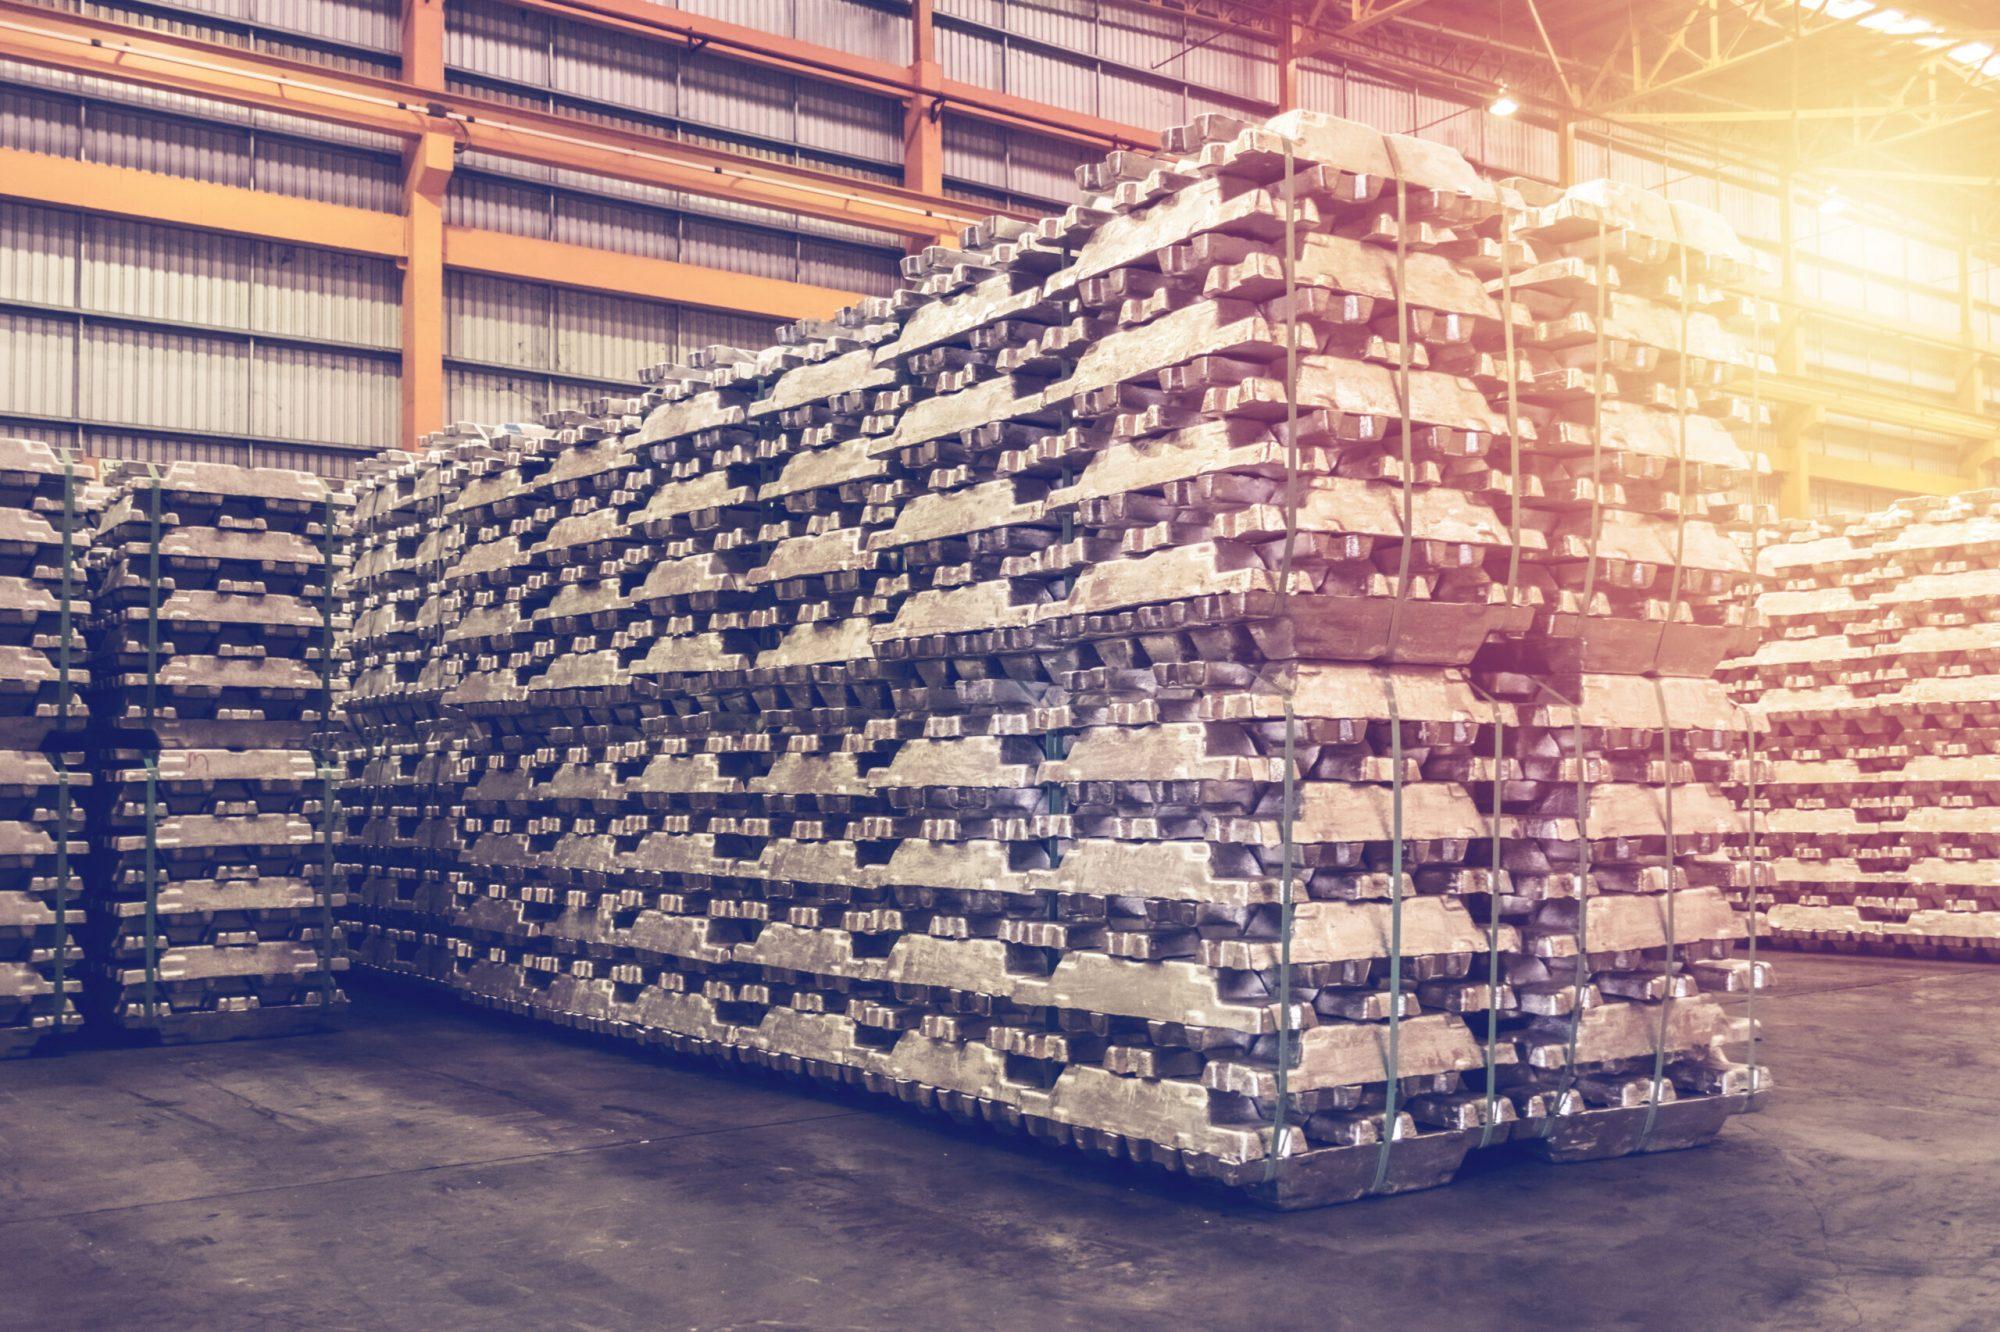 aluminum ingot storage